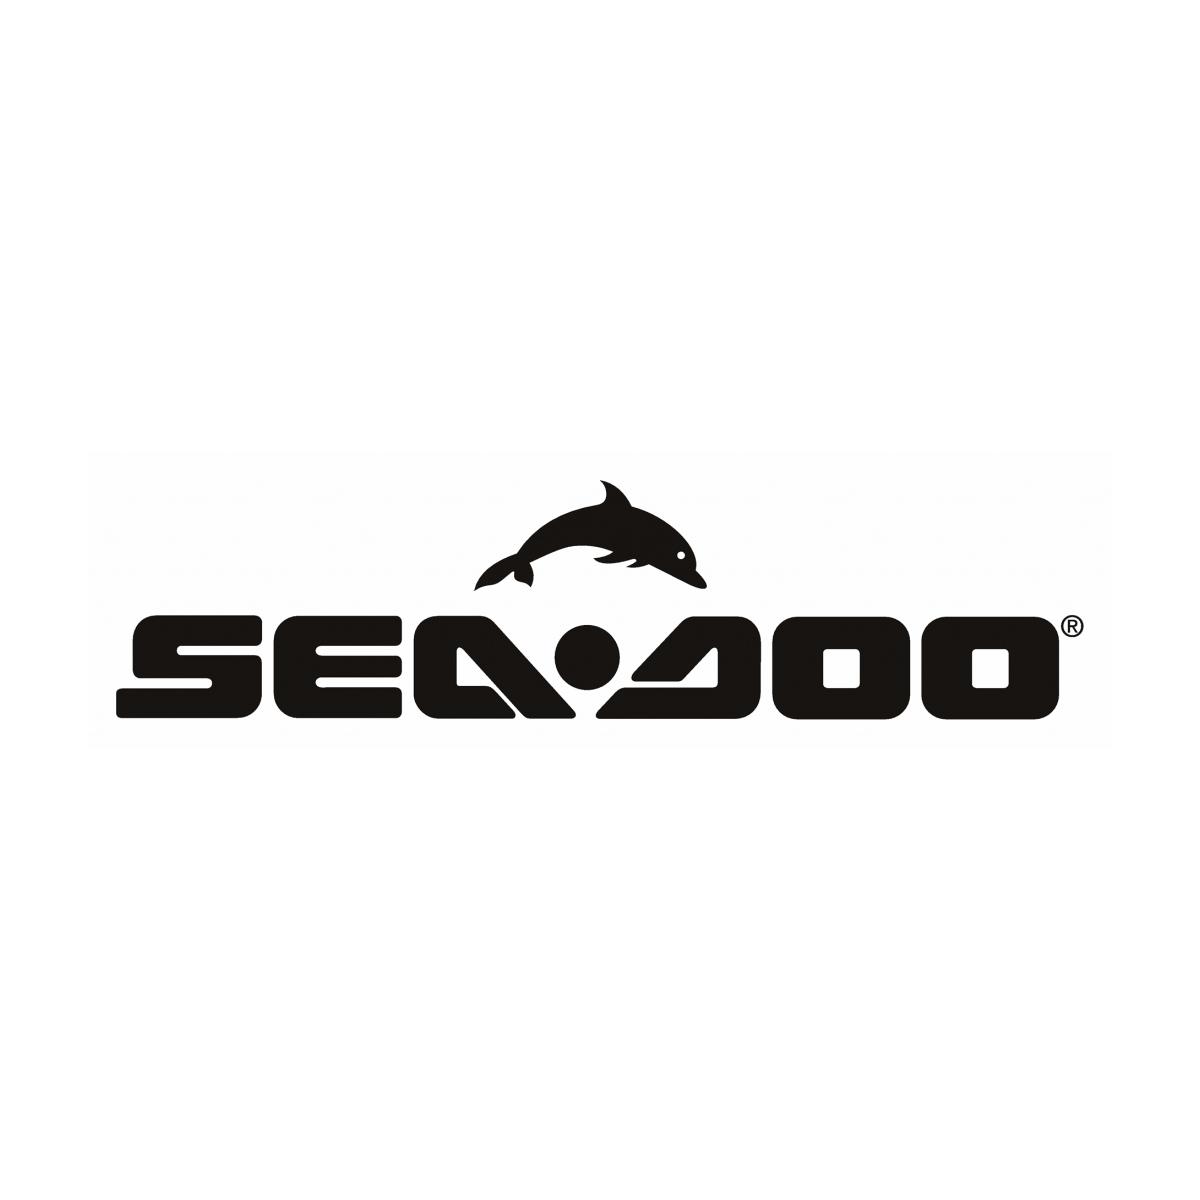 Carenagem Frotal Superior Sea Doo Gti 4 Tec 2013/2014 Verde  - Radical Peças - Peças para Jet Ski